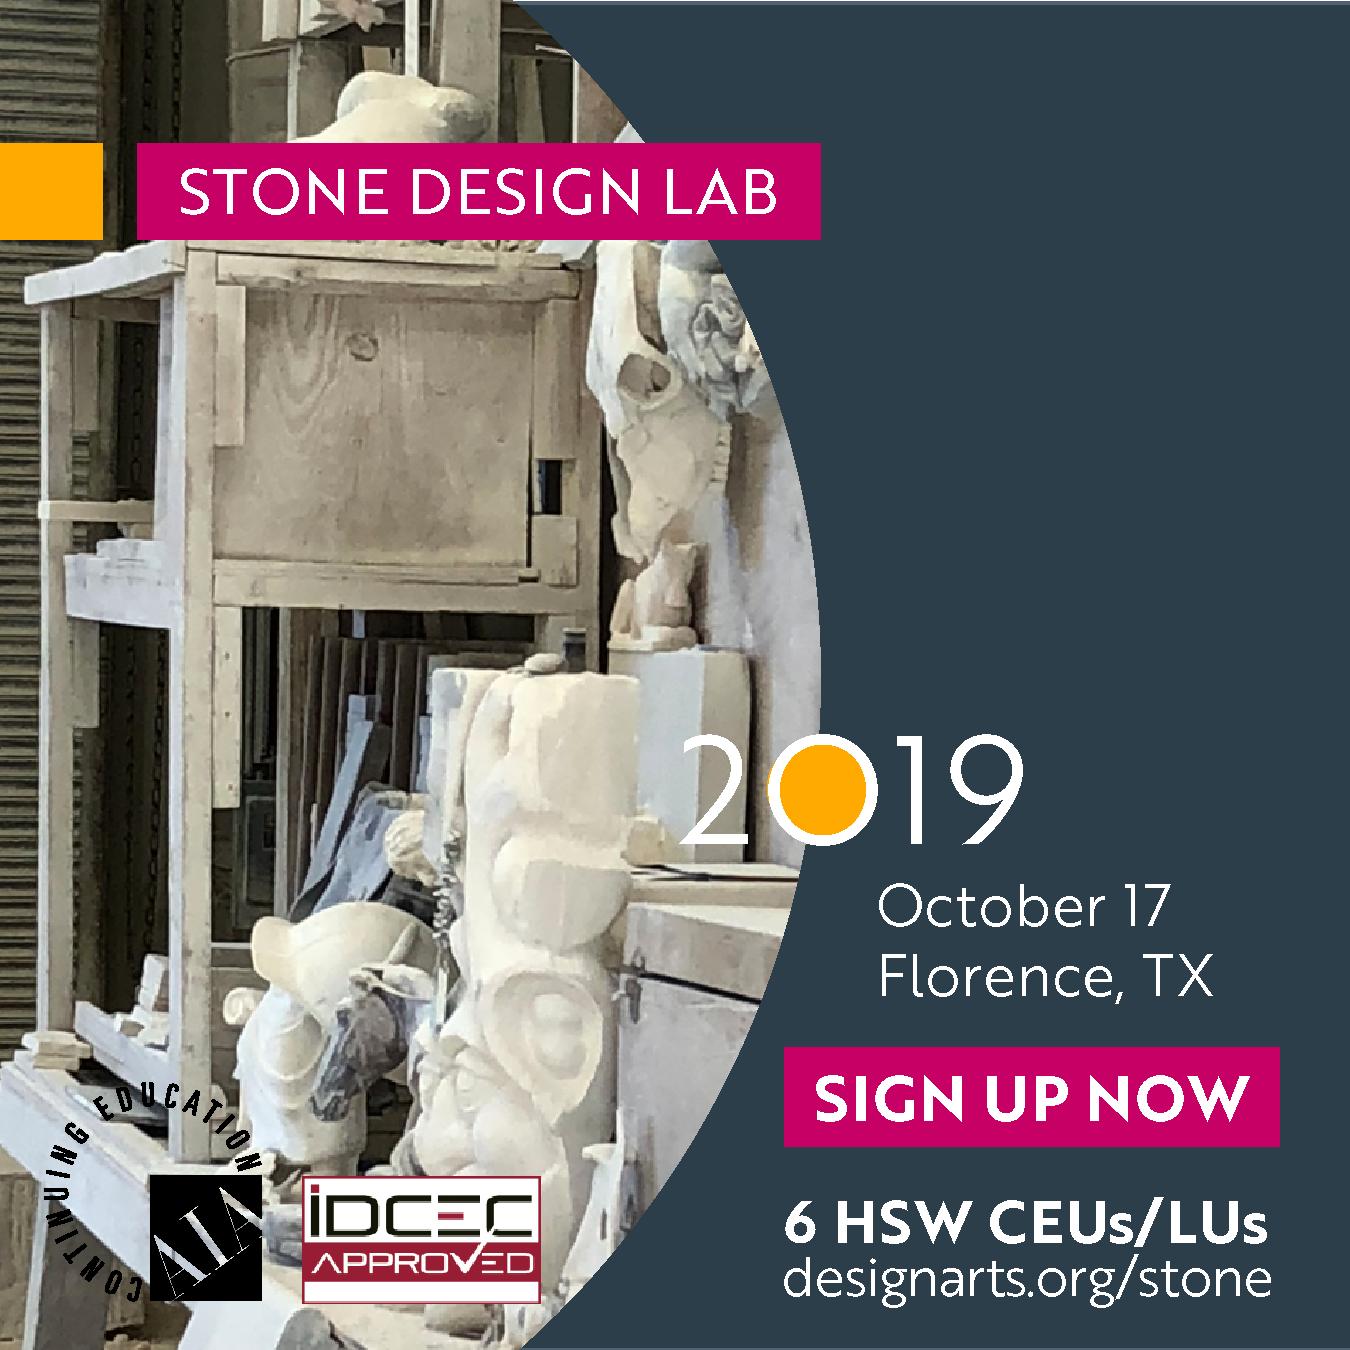 Stone Design Lab